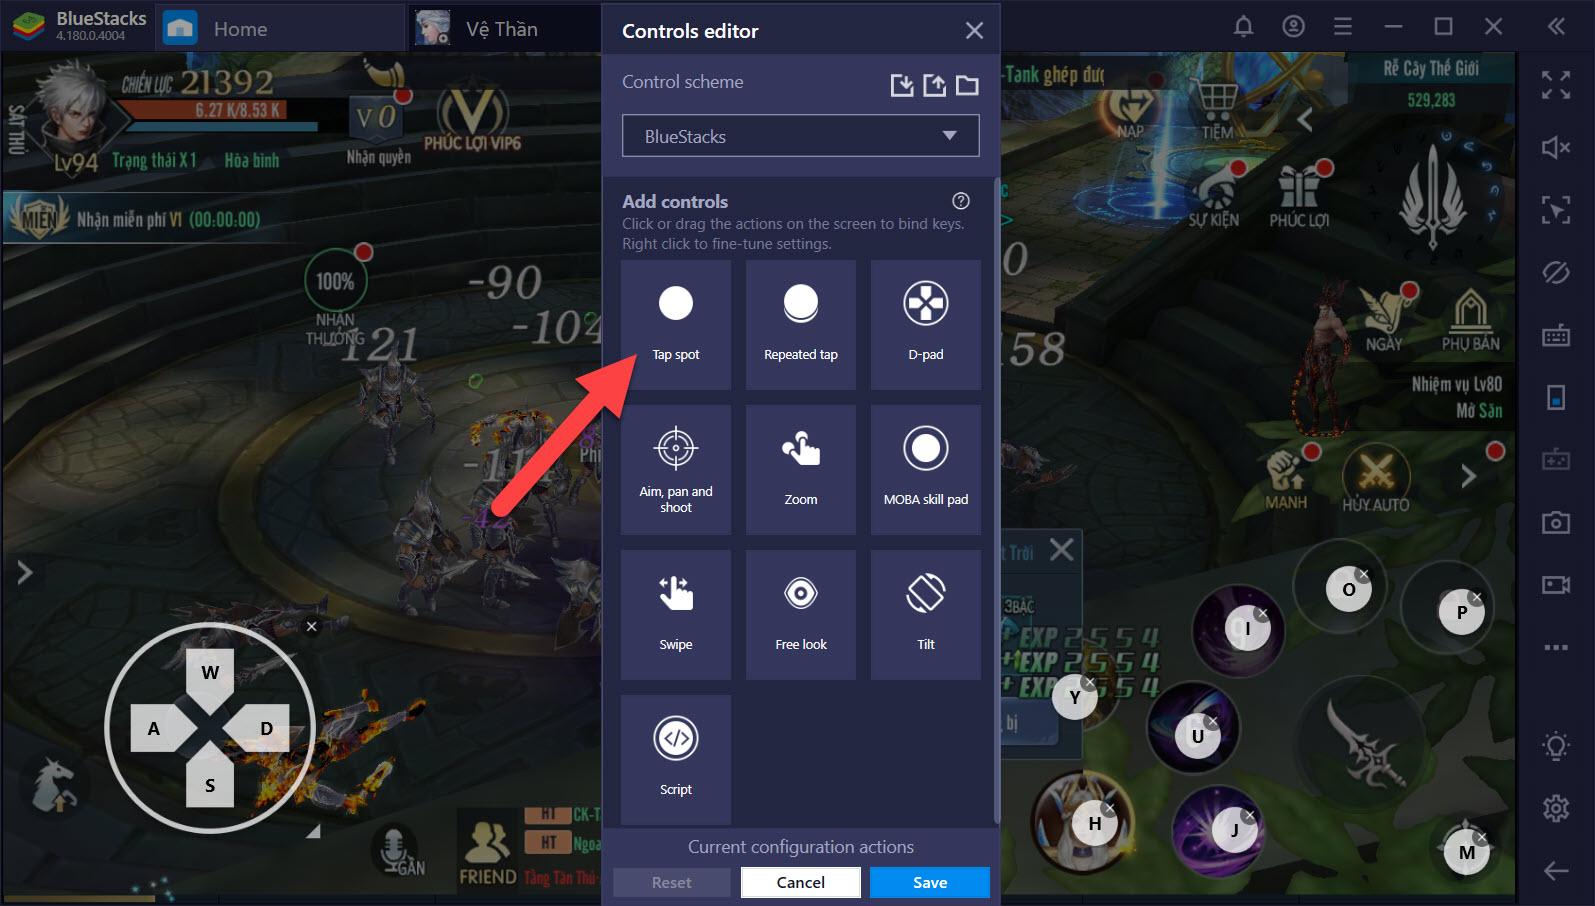 Thiết lập Game Controls, tối ưu trải nghiệm Vệ Thần Mobile trên PC